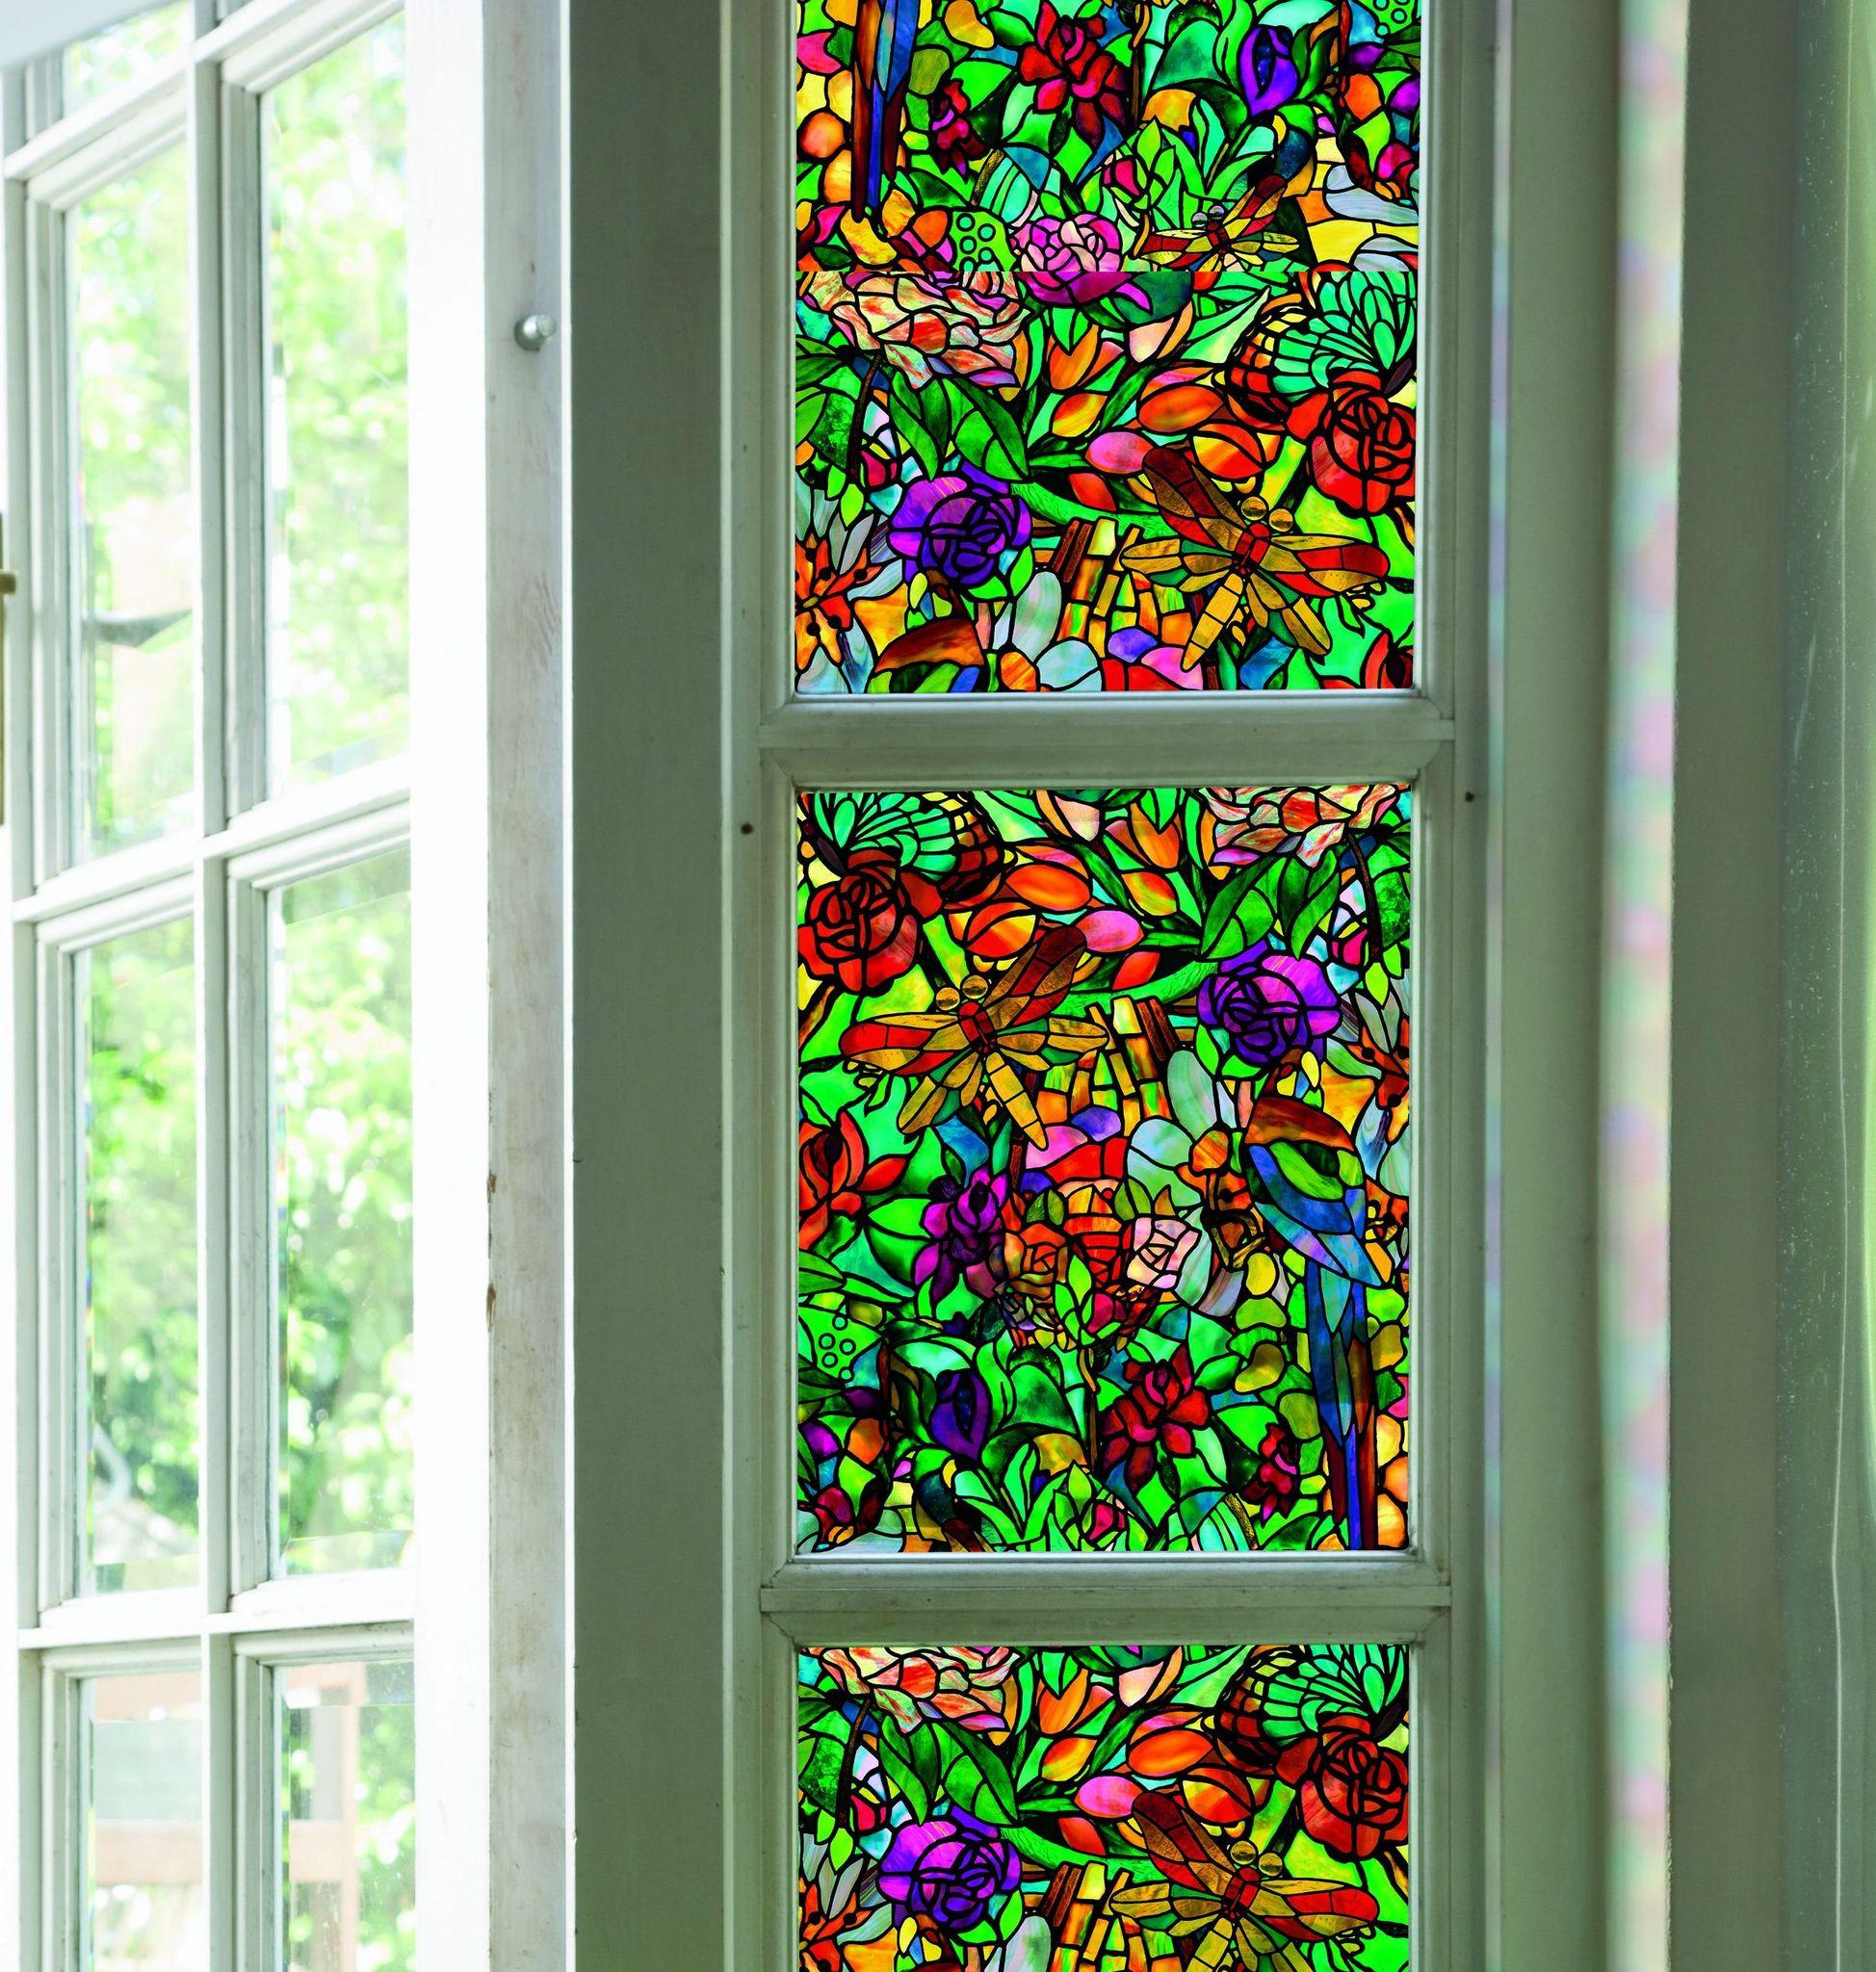 поделиться какую фотопленку наклеивают на стекле пермского края